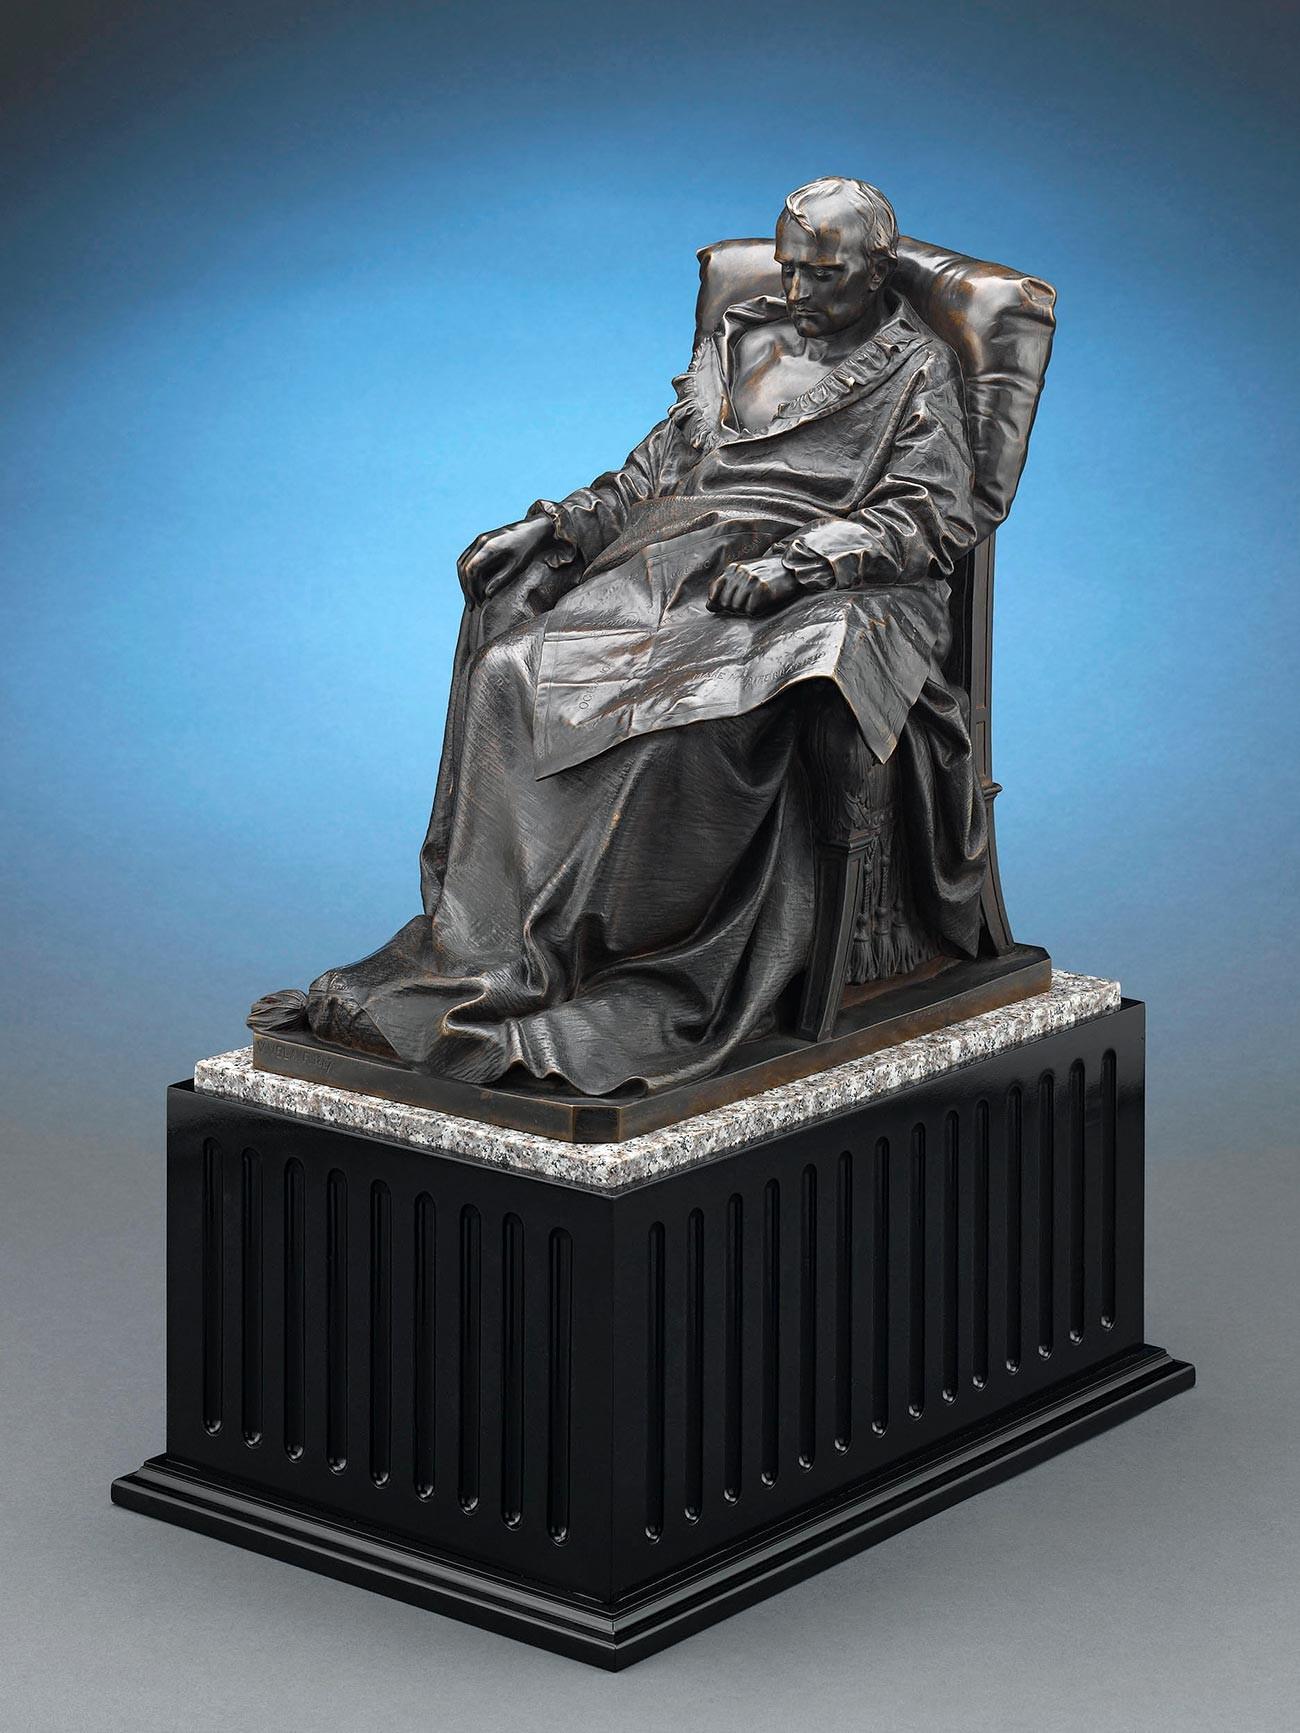 Derniers jours de Napoléon par Vincenzo Vela. Environ 1867. Bronze sur base en marbre et bois